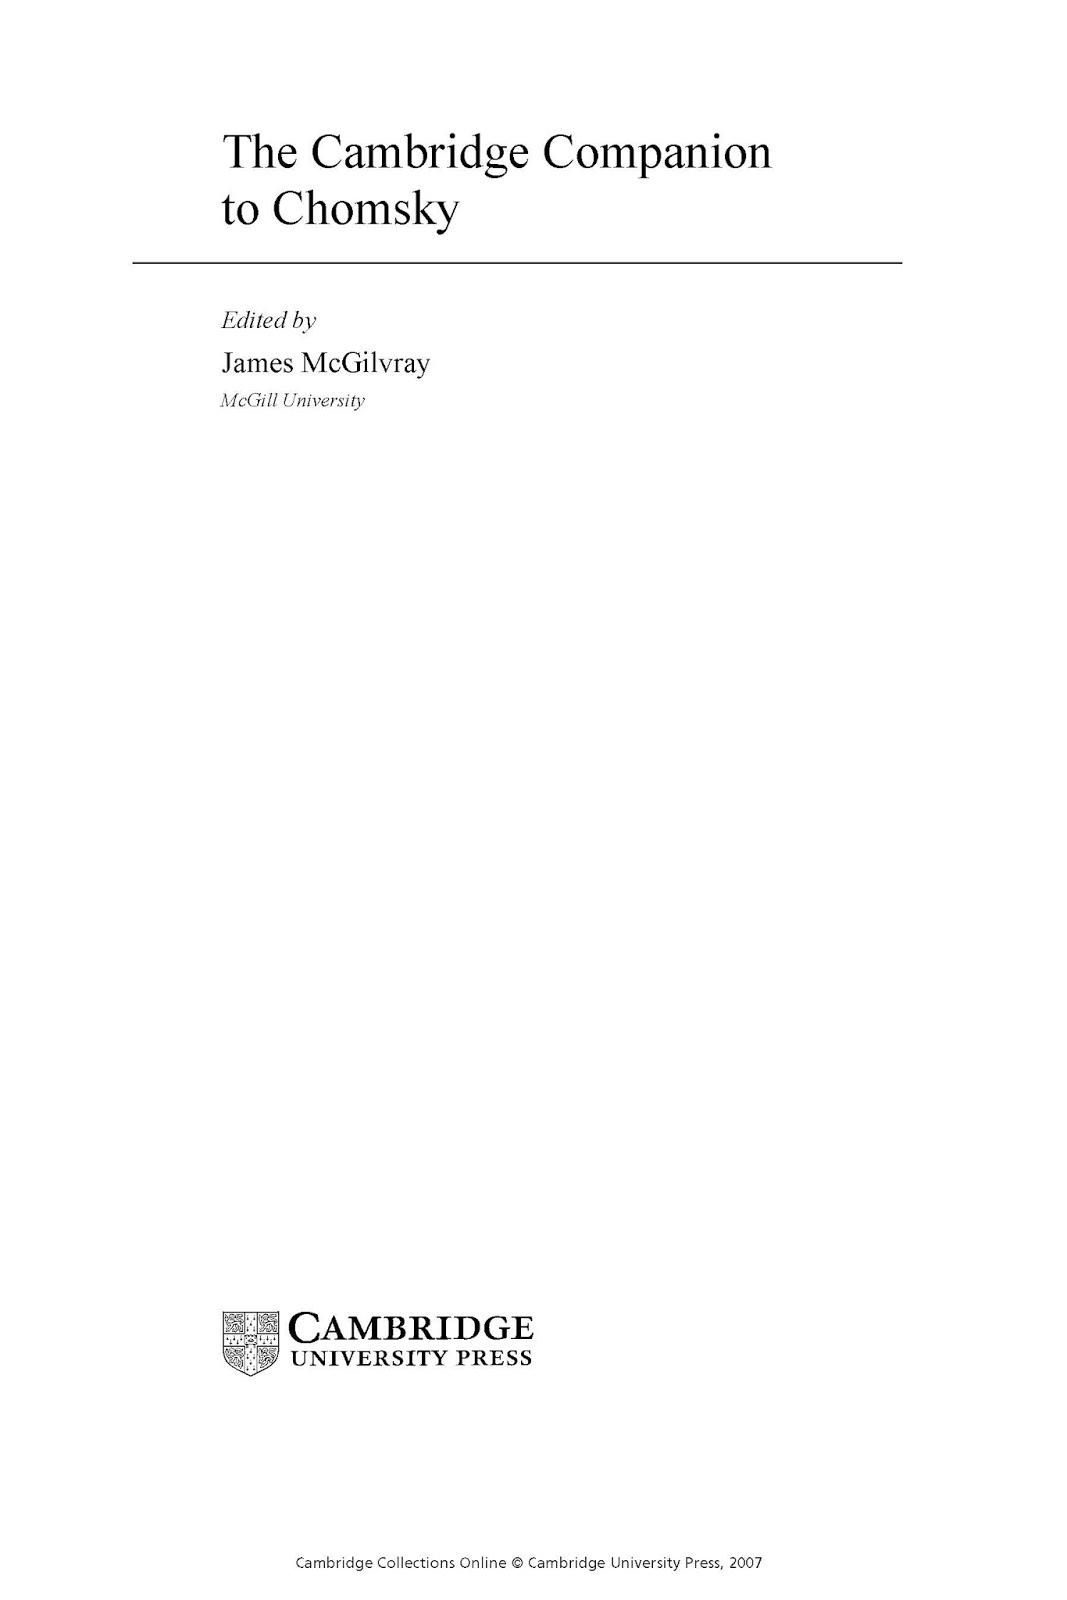 9d238 pages2bde2bthe2bcambridge2bcompanion2bto2bchomsky - The Cambridge Companion To Chomsky PDF -James MeGilvray